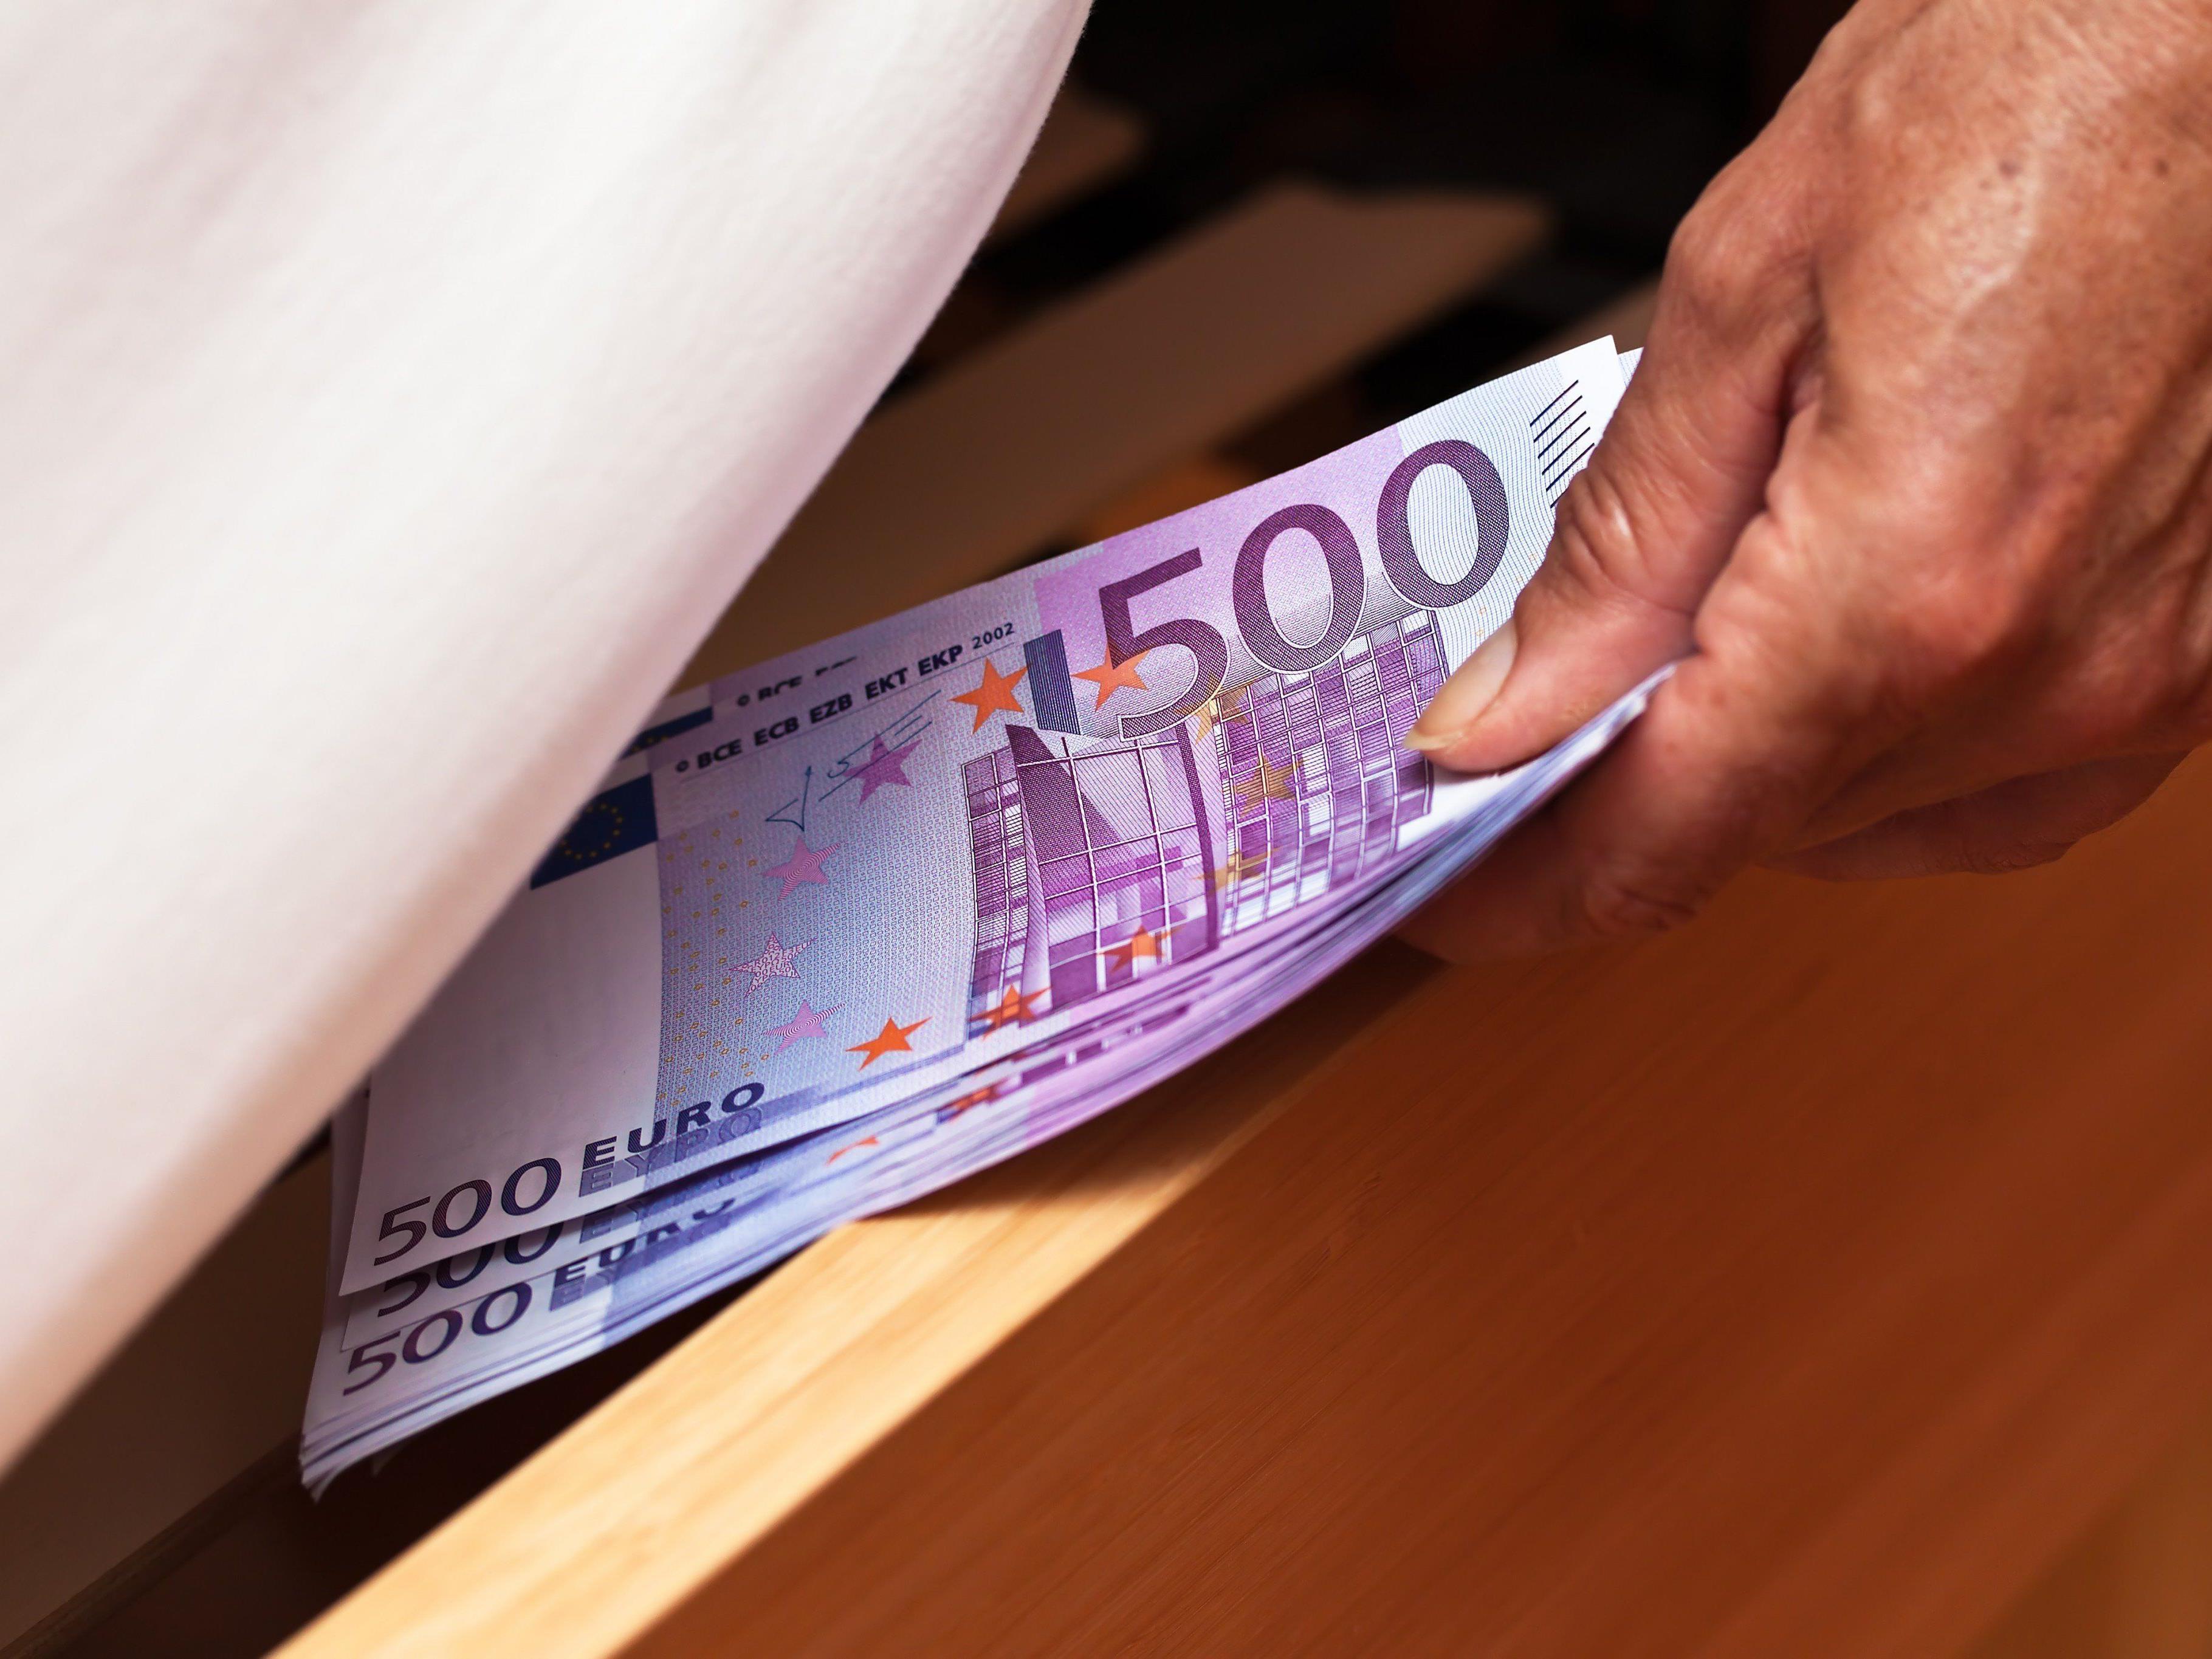 Der Linzer sprach von fehlenden 500€.